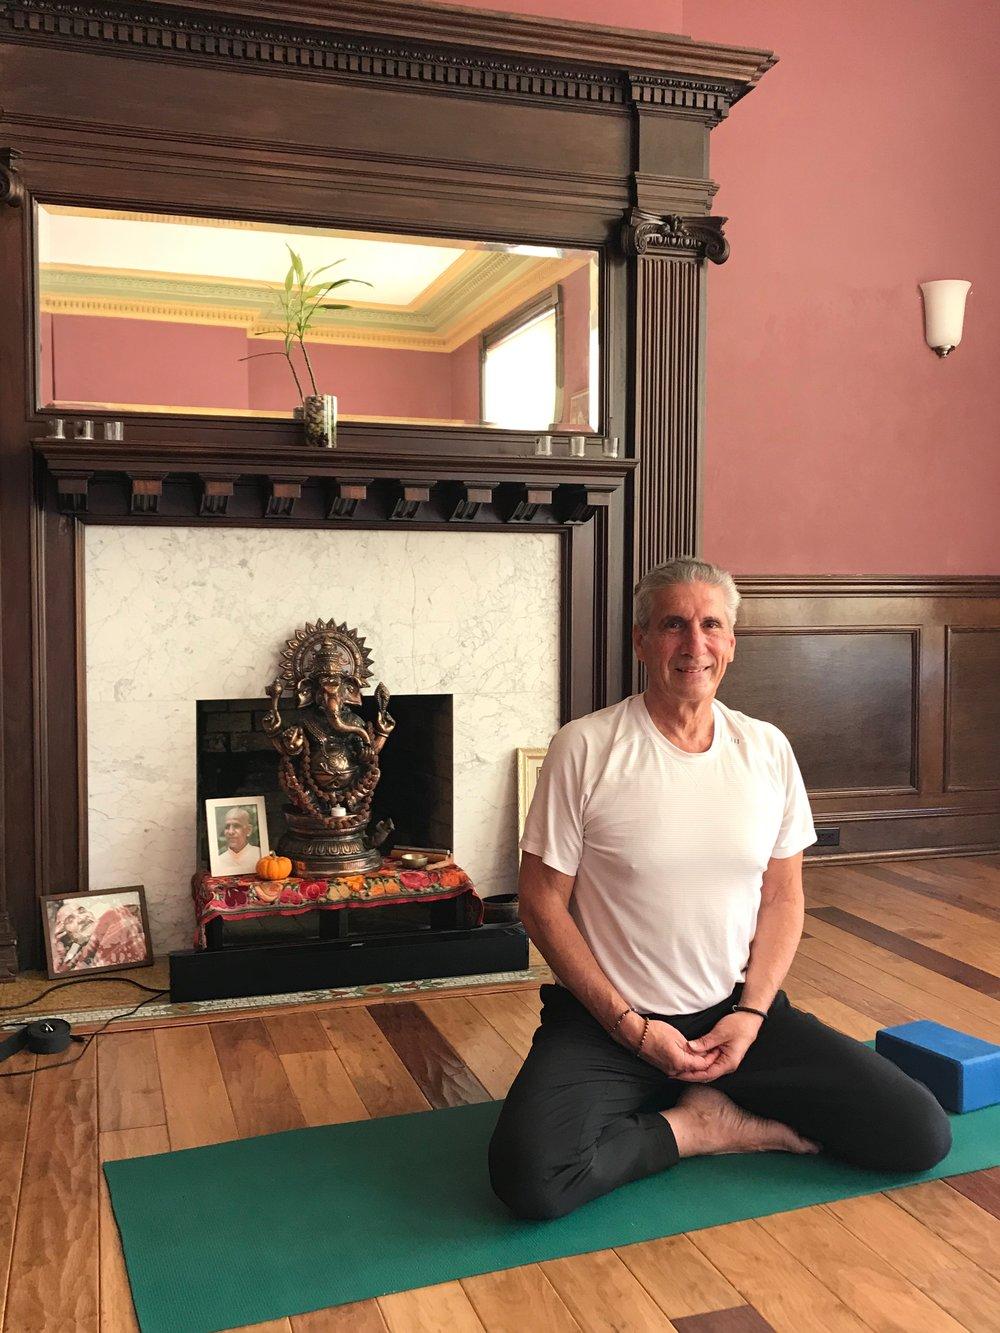 Yoga seated X legged IMG_3331.jpg*.jpg